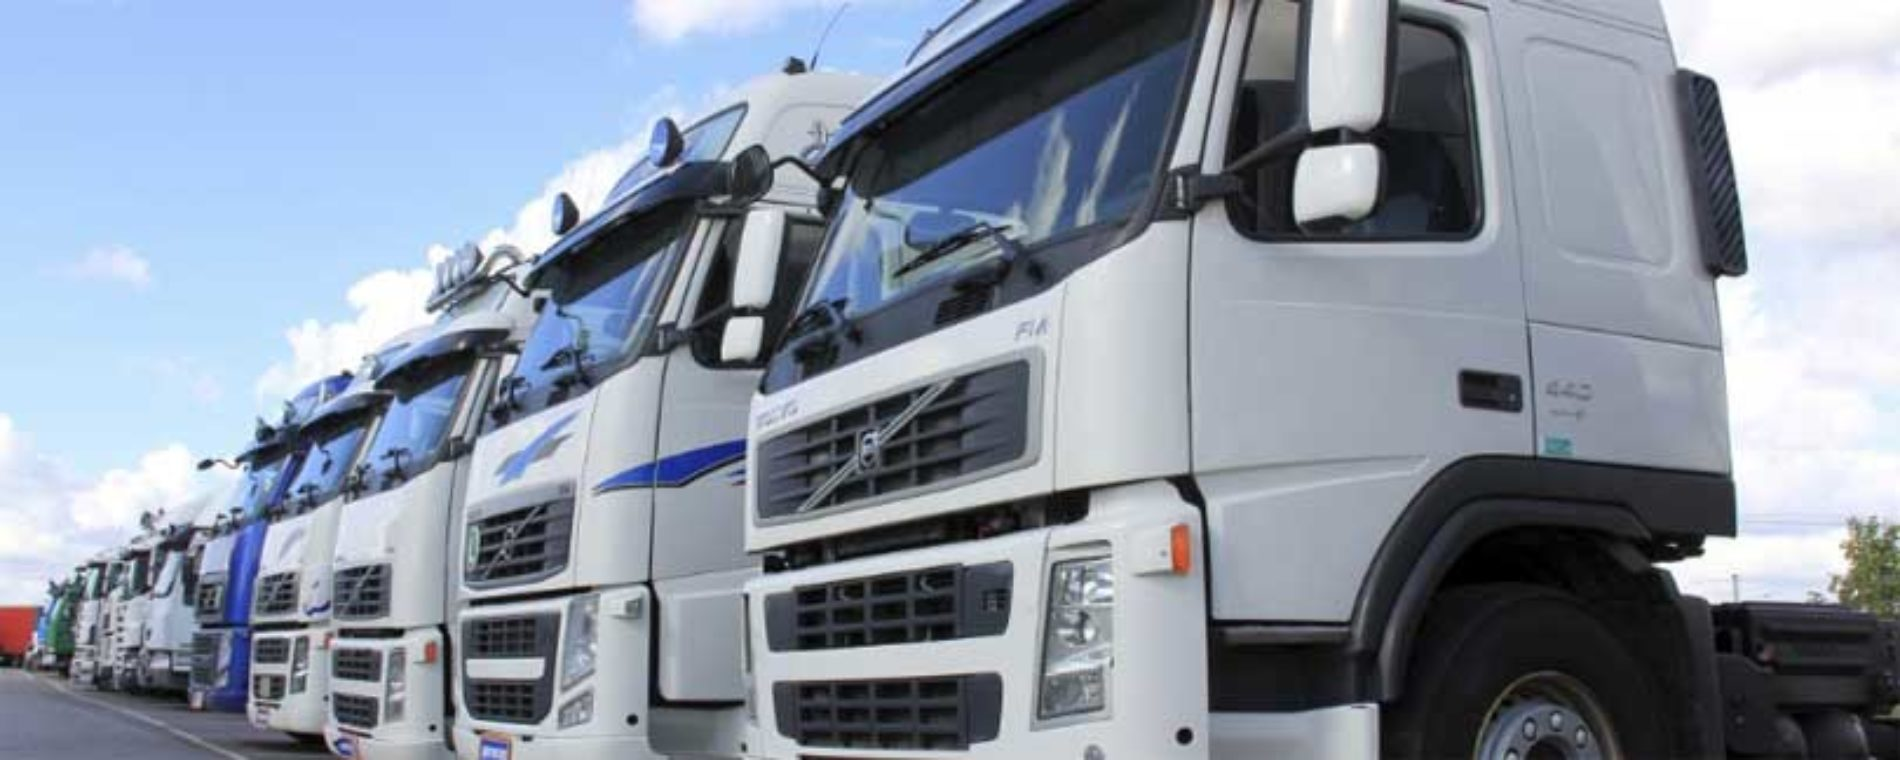 Lot norsk 4-åring kjøre lastebil i Spania